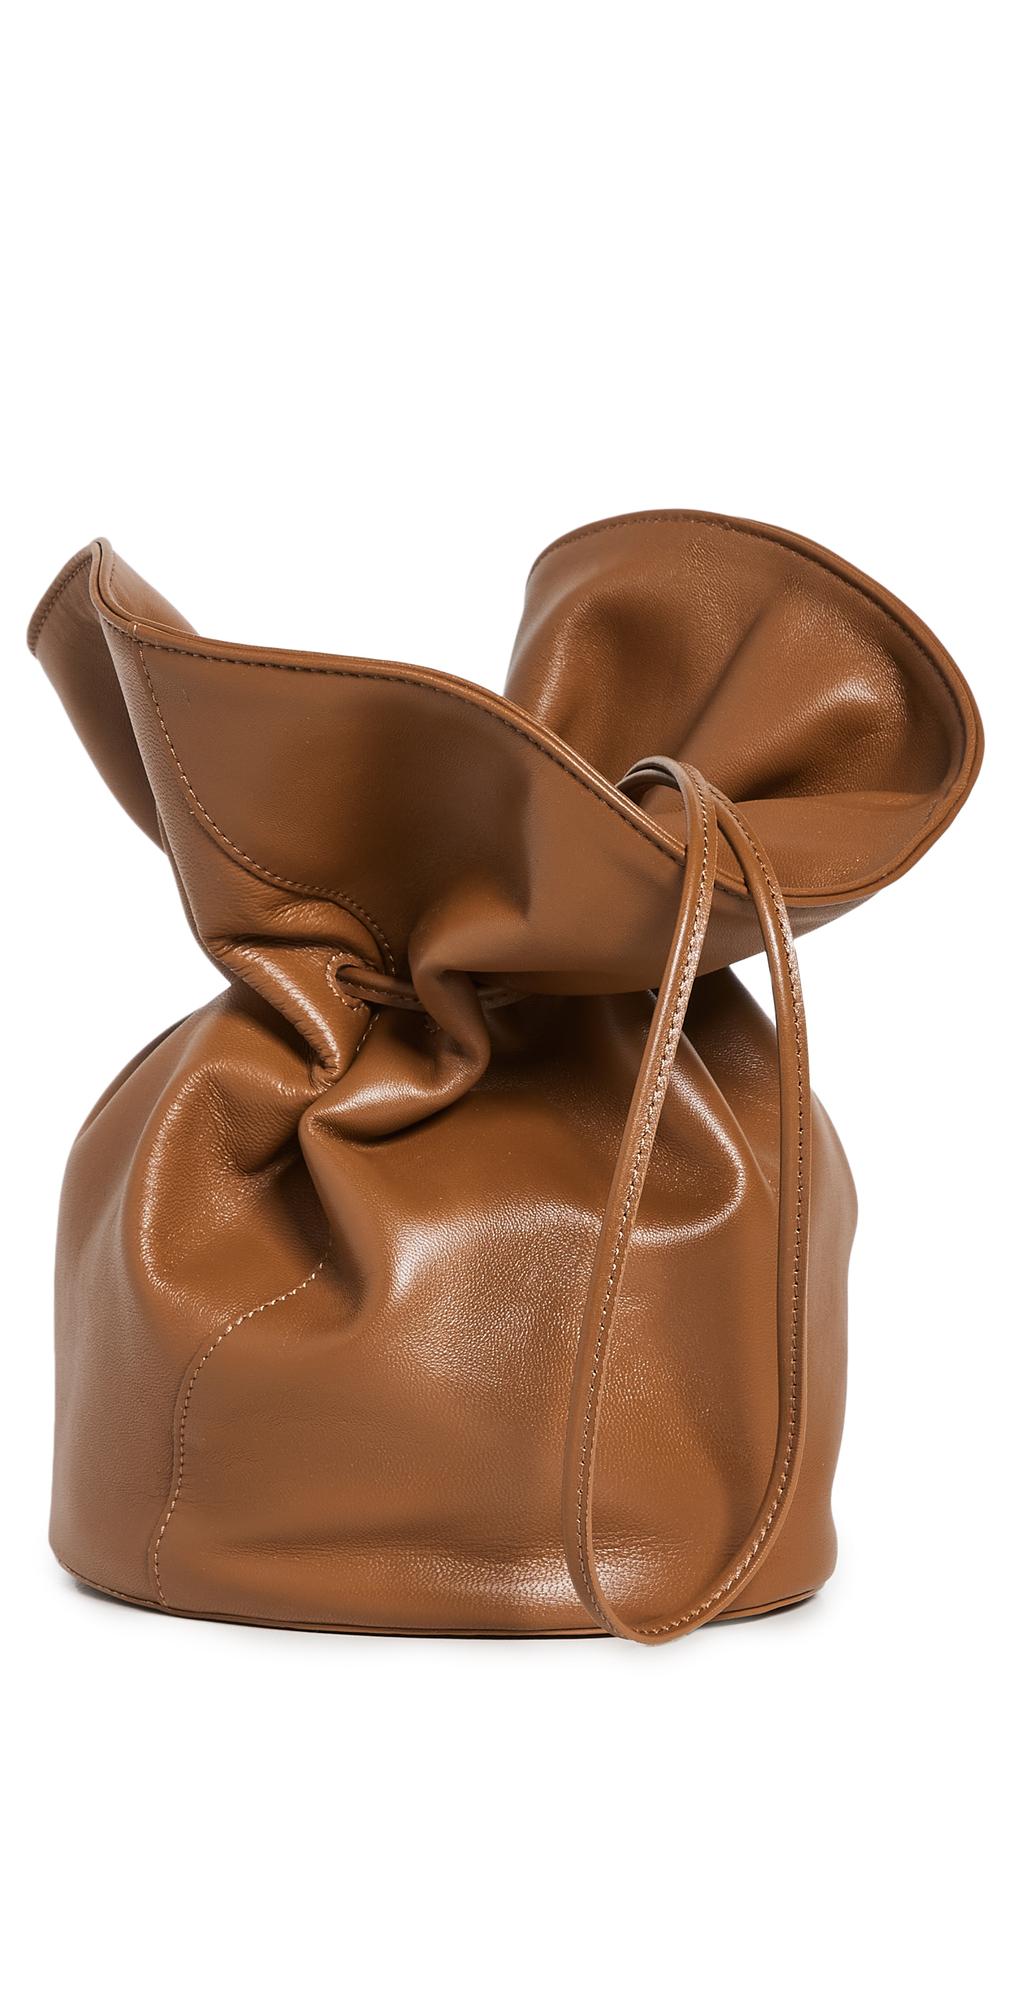 Vase Bag